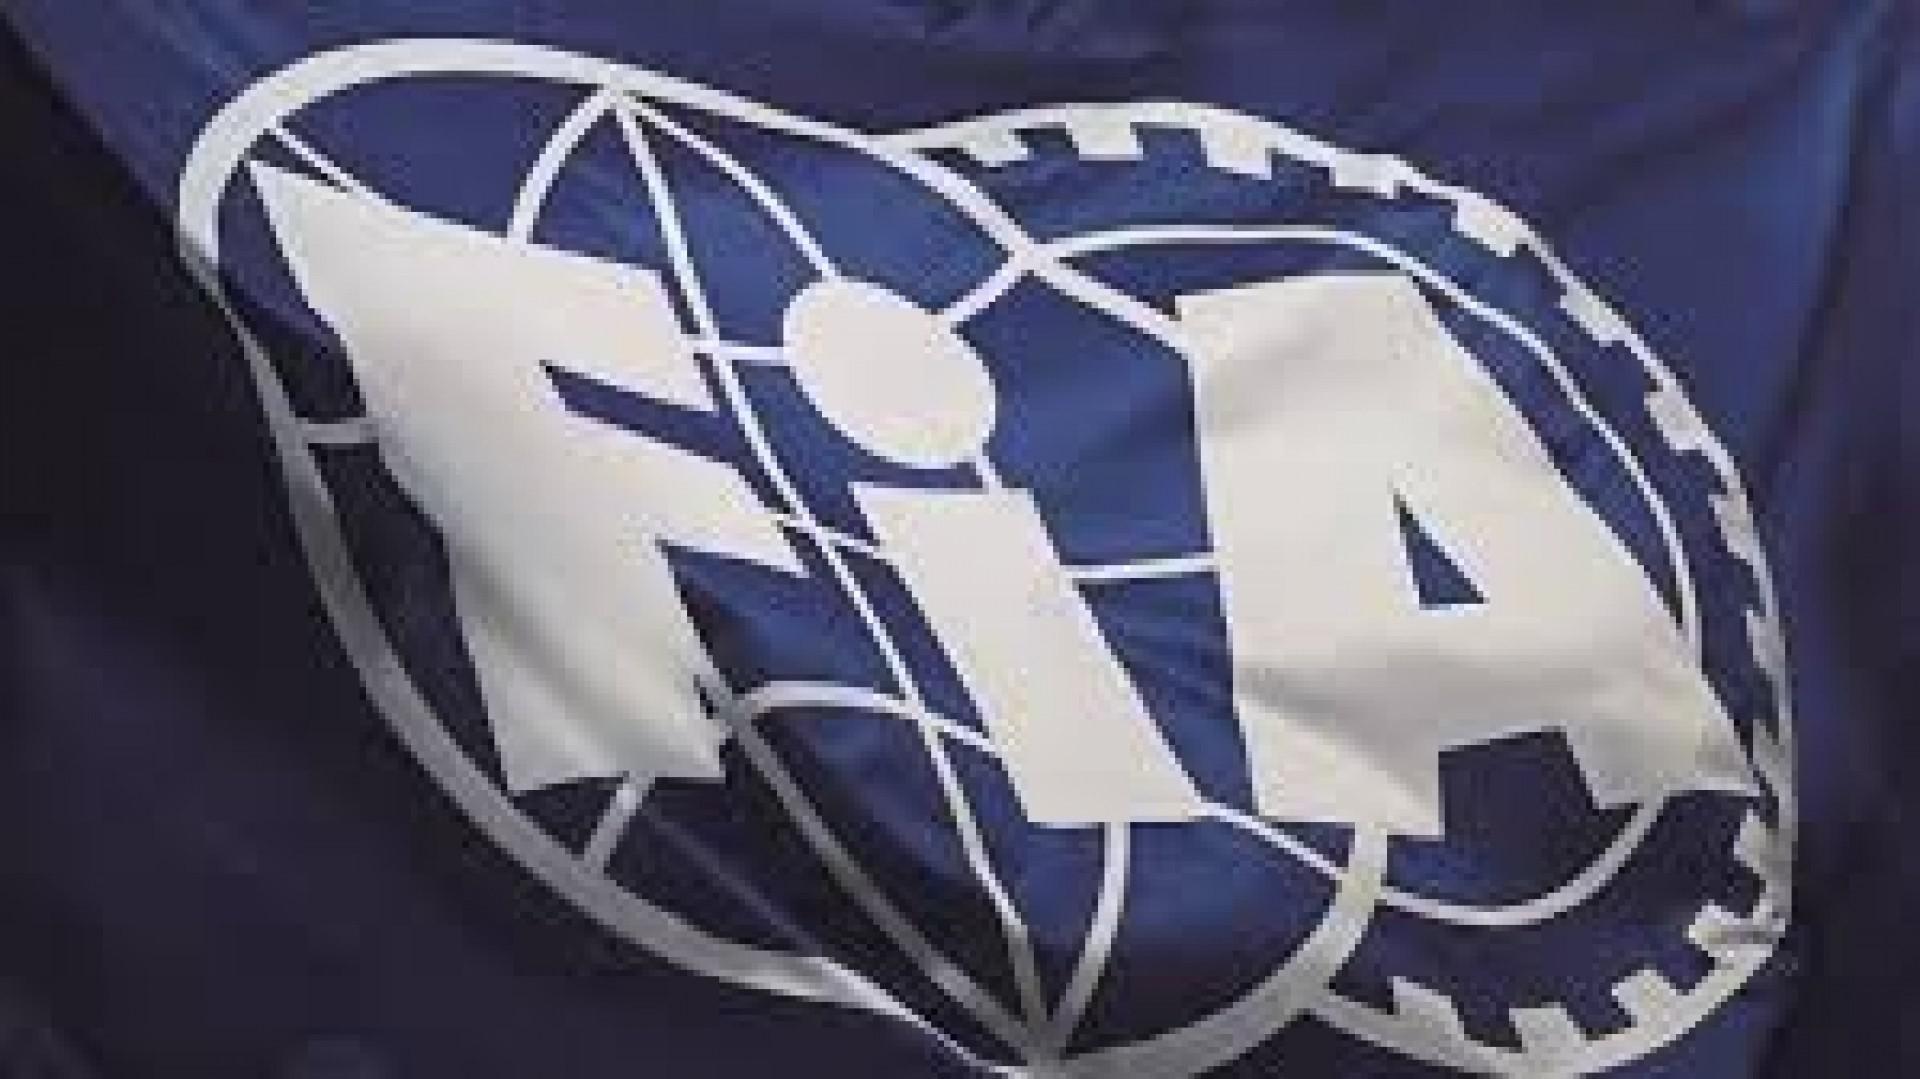 Annulation de la Coupe du monde FIA 2020 des rallyes tout-terrain